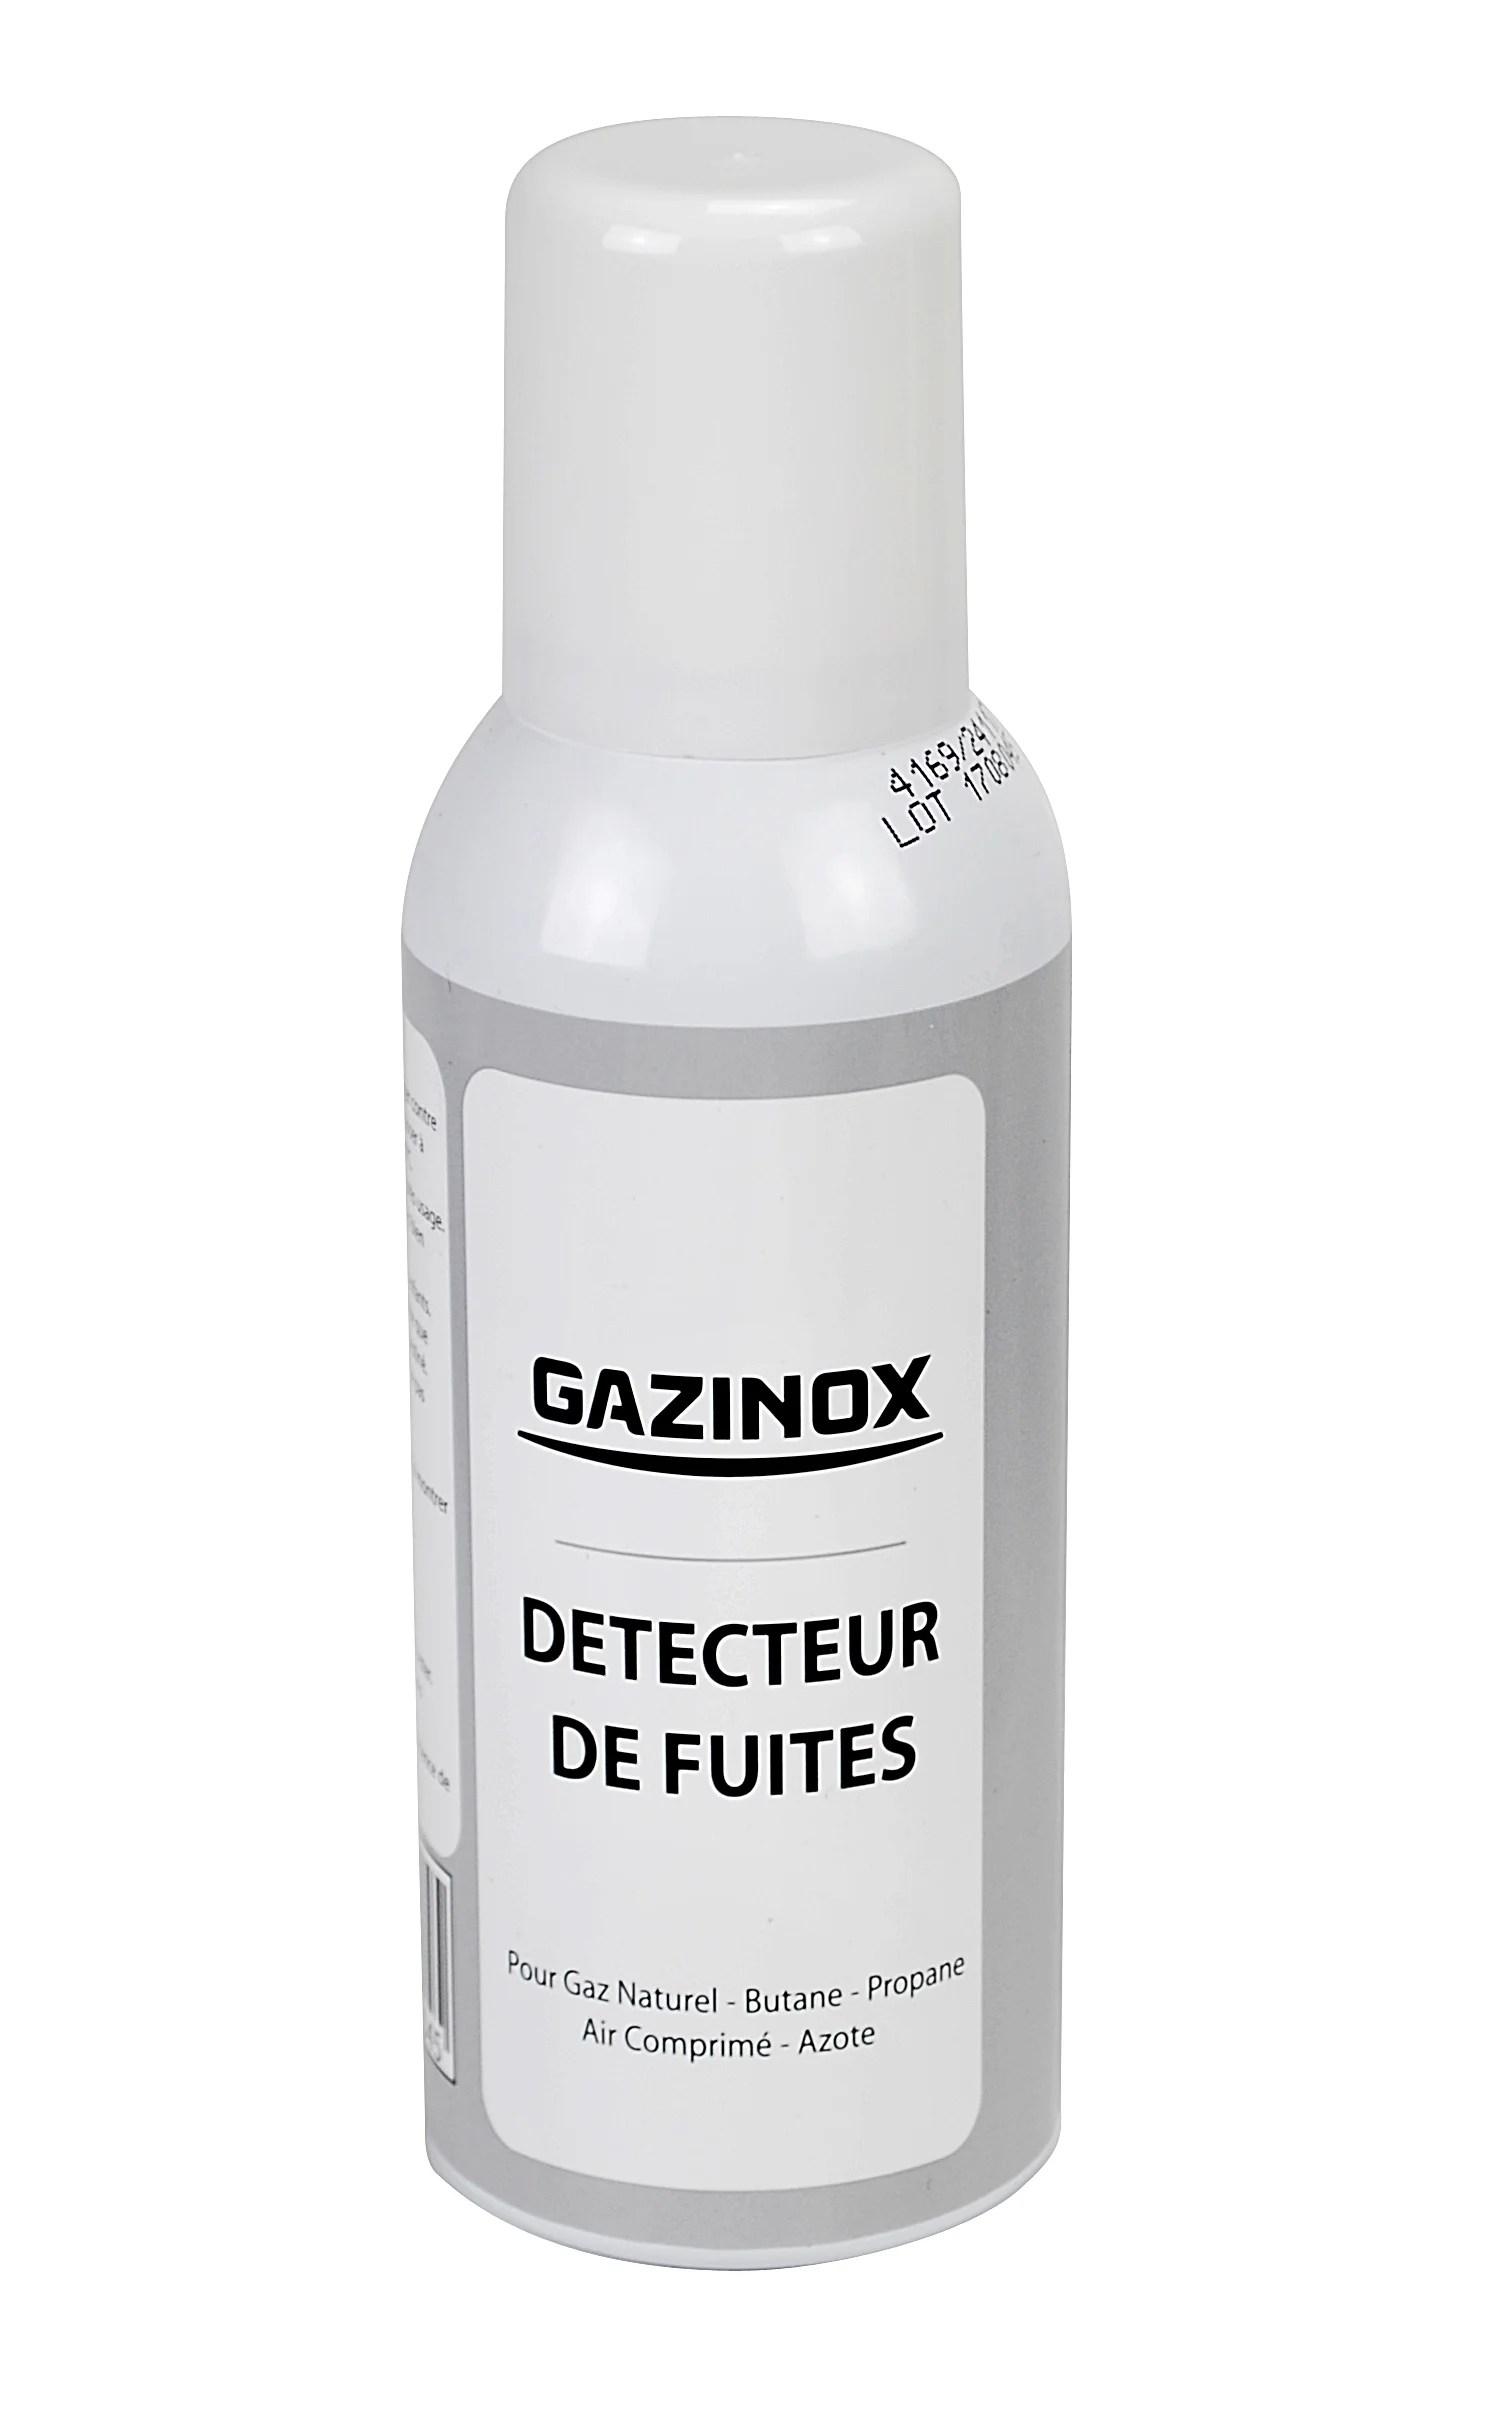 Detecteur De Fuites En Aerosol Pour Tout Type De Gaz Gazinox Leroy Merlin